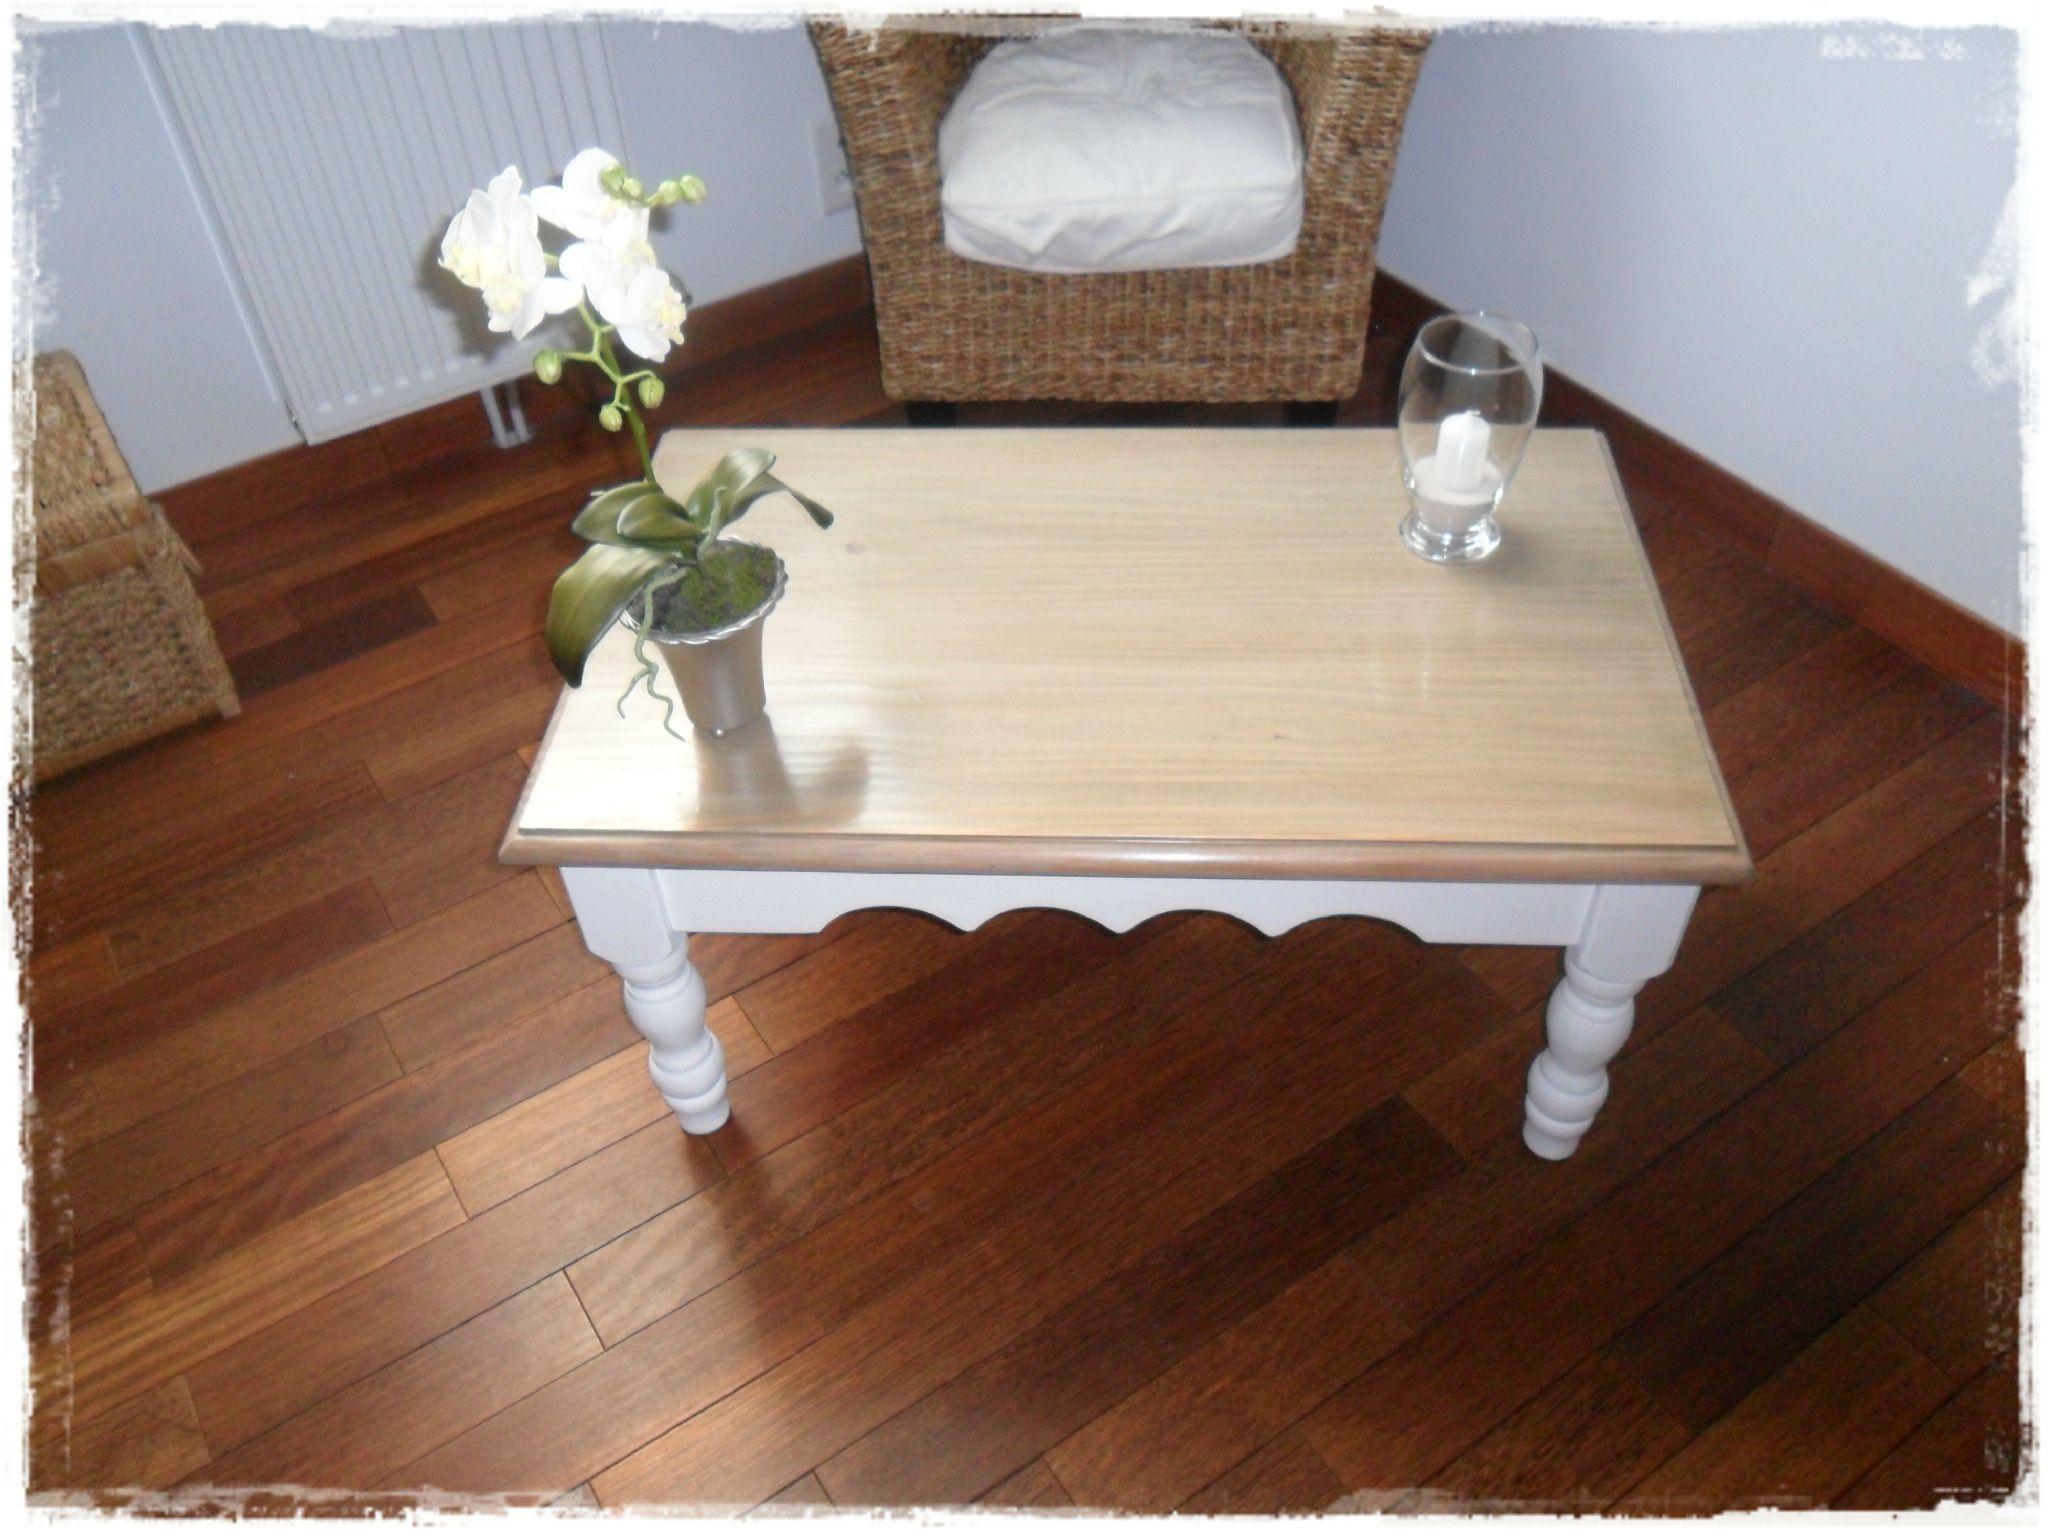 table patin e 2 chalet moderne pinterest chalet moderne restaurant et meubles. Black Bedroom Furniture Sets. Home Design Ideas